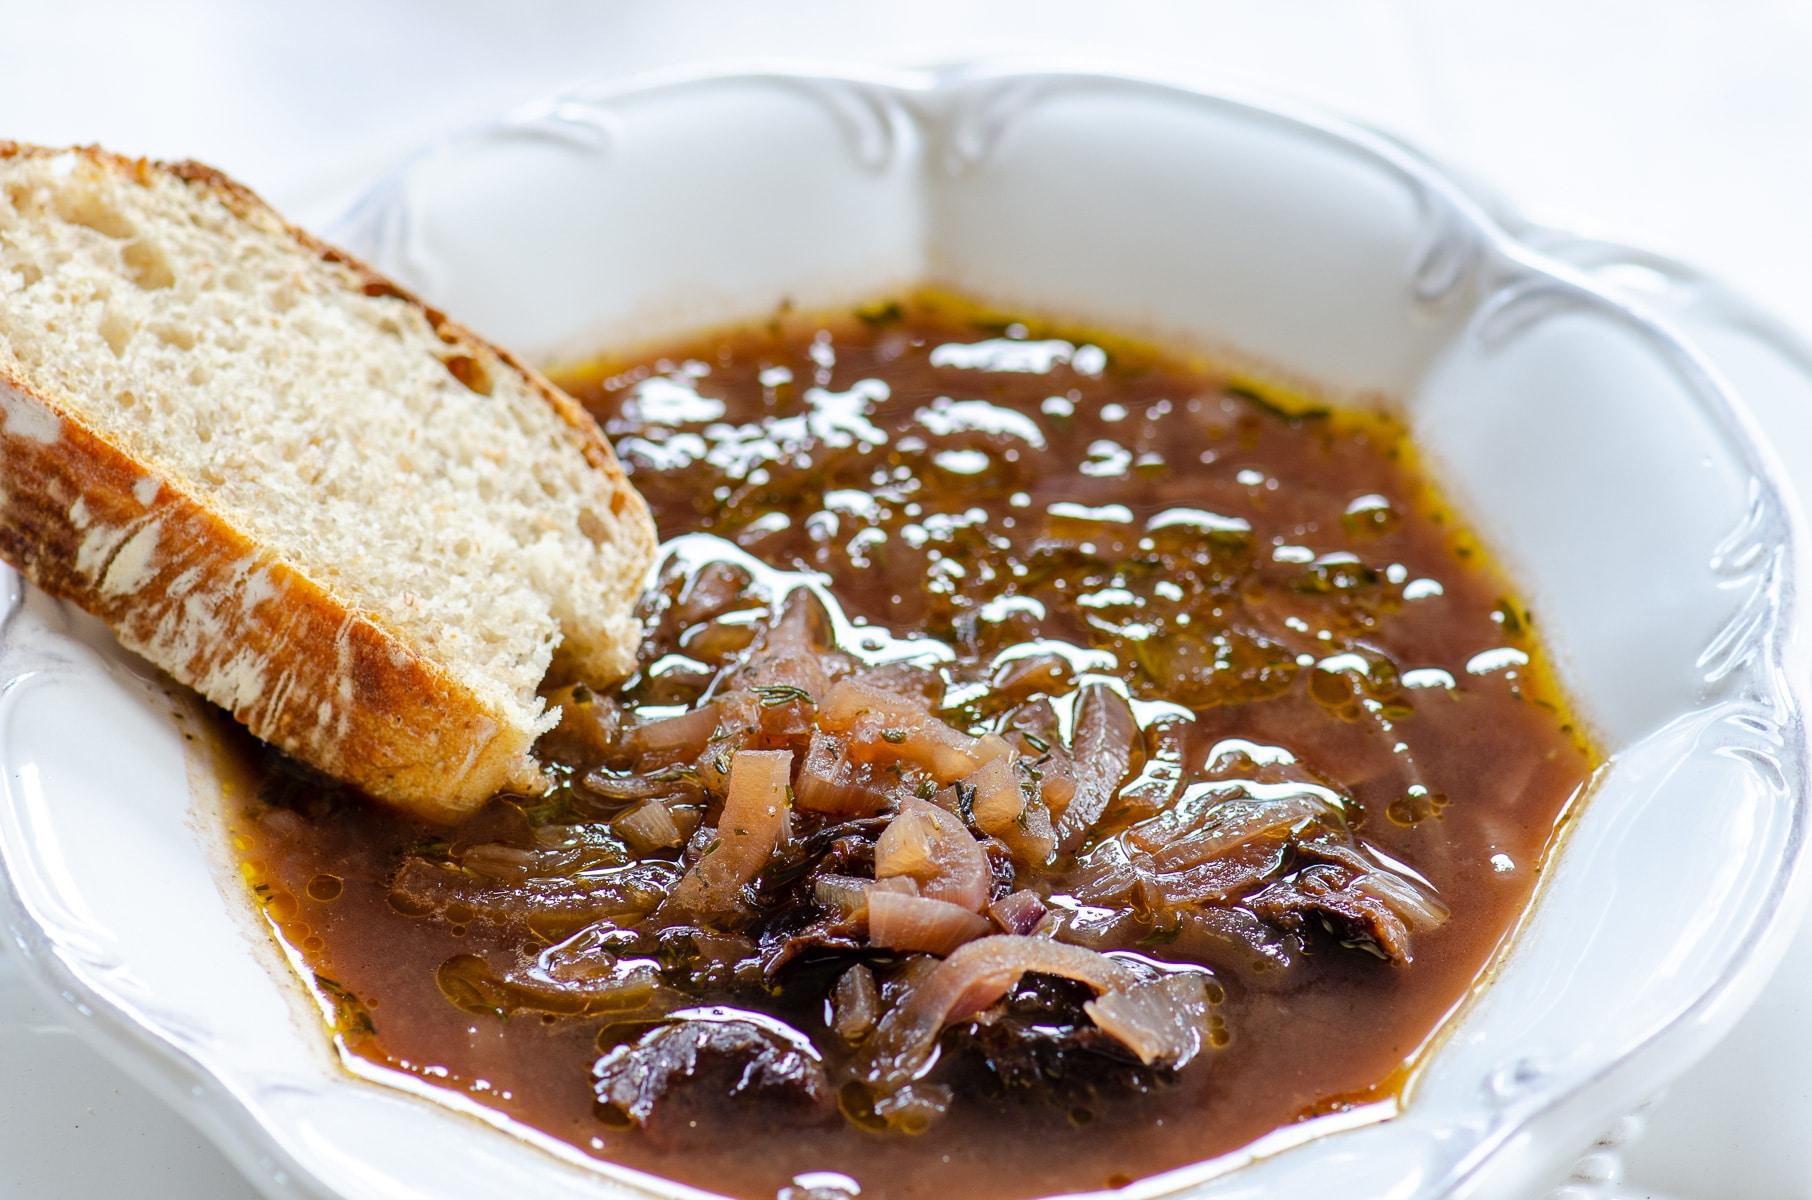 Talerz zupy z czerwonej cebuli i suszonych śliwek z kromką chleba